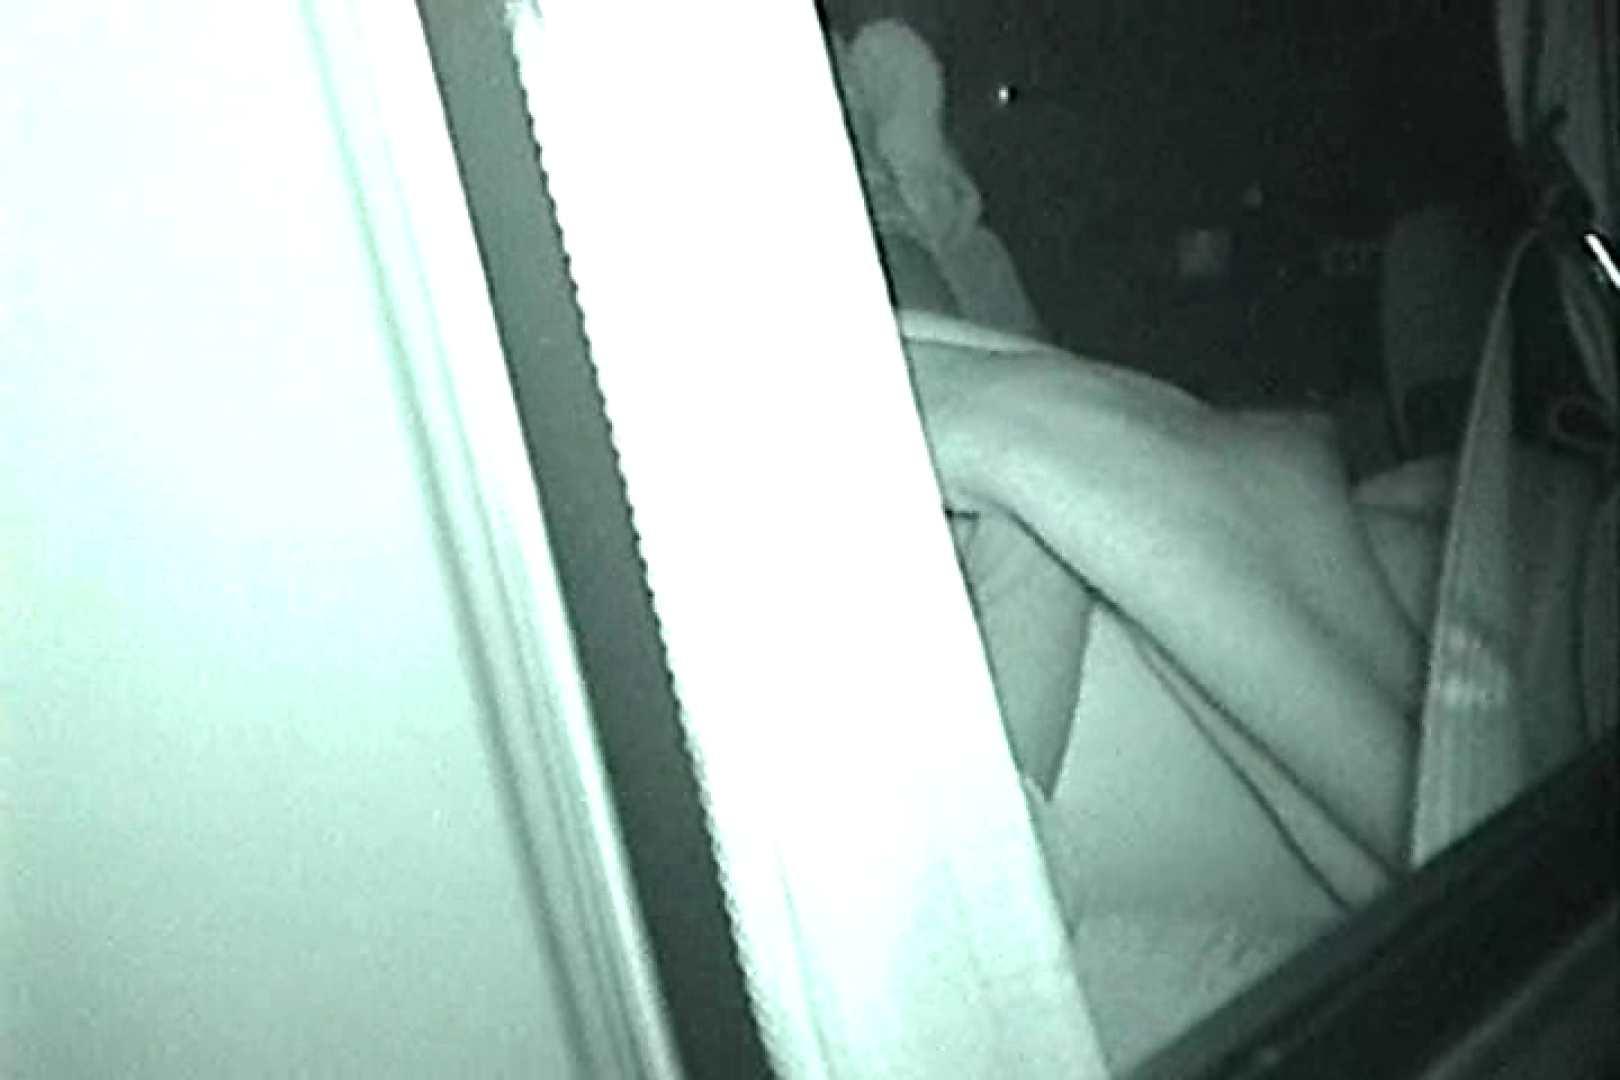 充血監督の深夜の運動会Vol.16 OLの実態  87pic 40